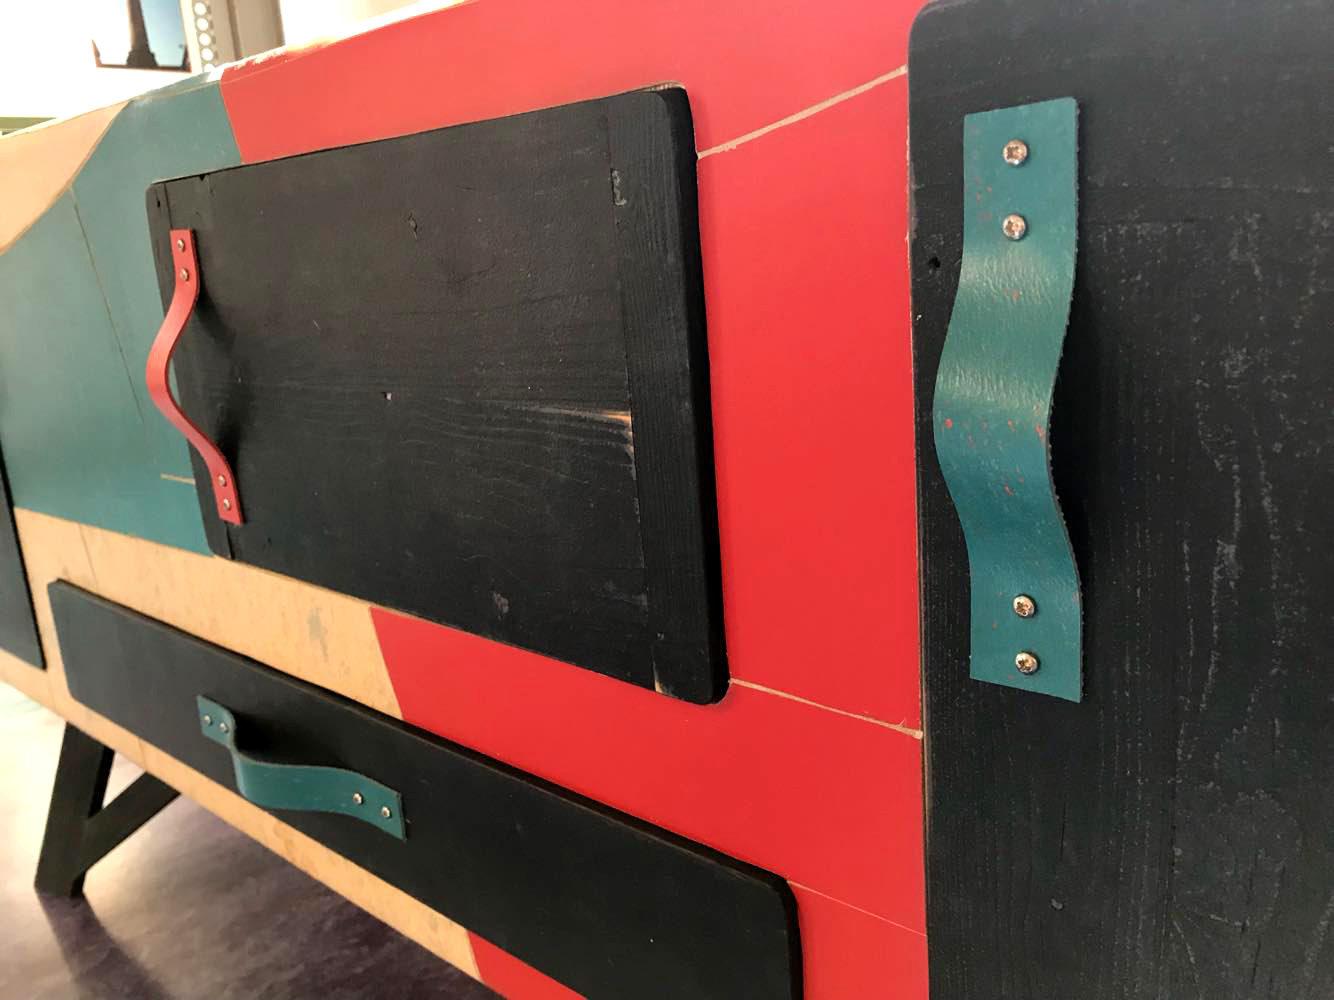 Credenza contemporanea in linoleum colorato per soggiorno, verde, rosso, legno nero